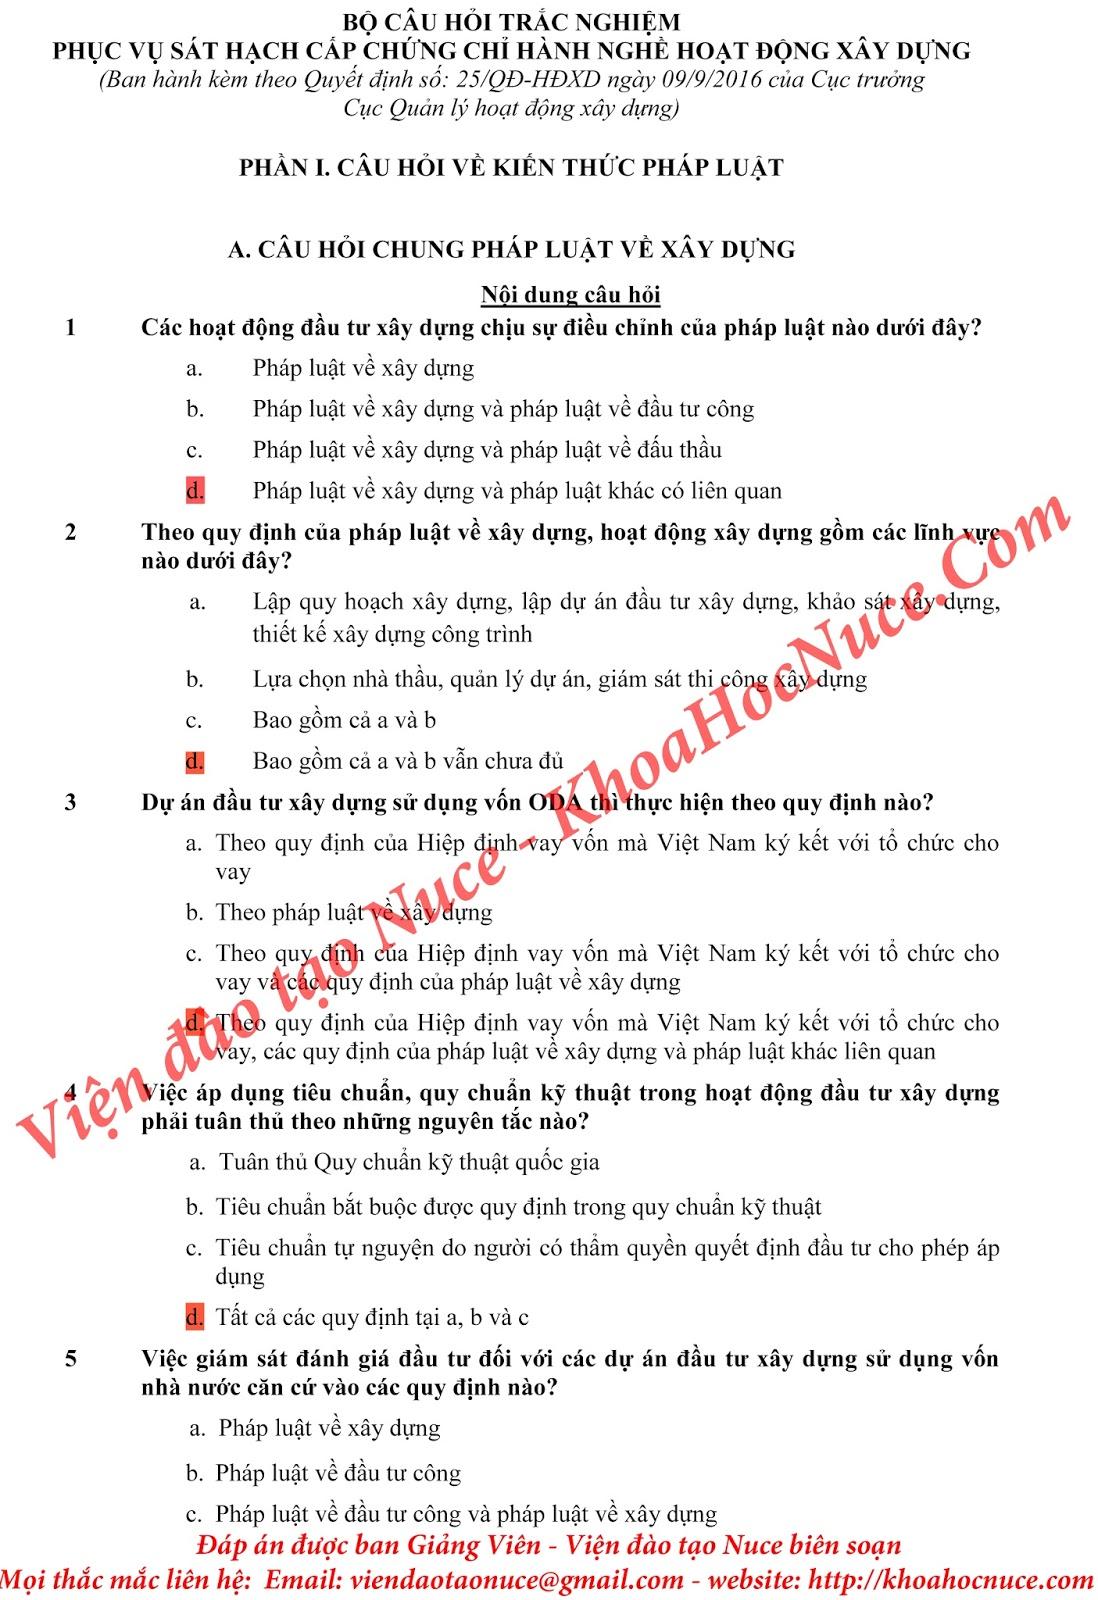 Bộ đề thi chứng chỉ hành nghề xây dựng theo Quyết định số 894/QĐ-BXD